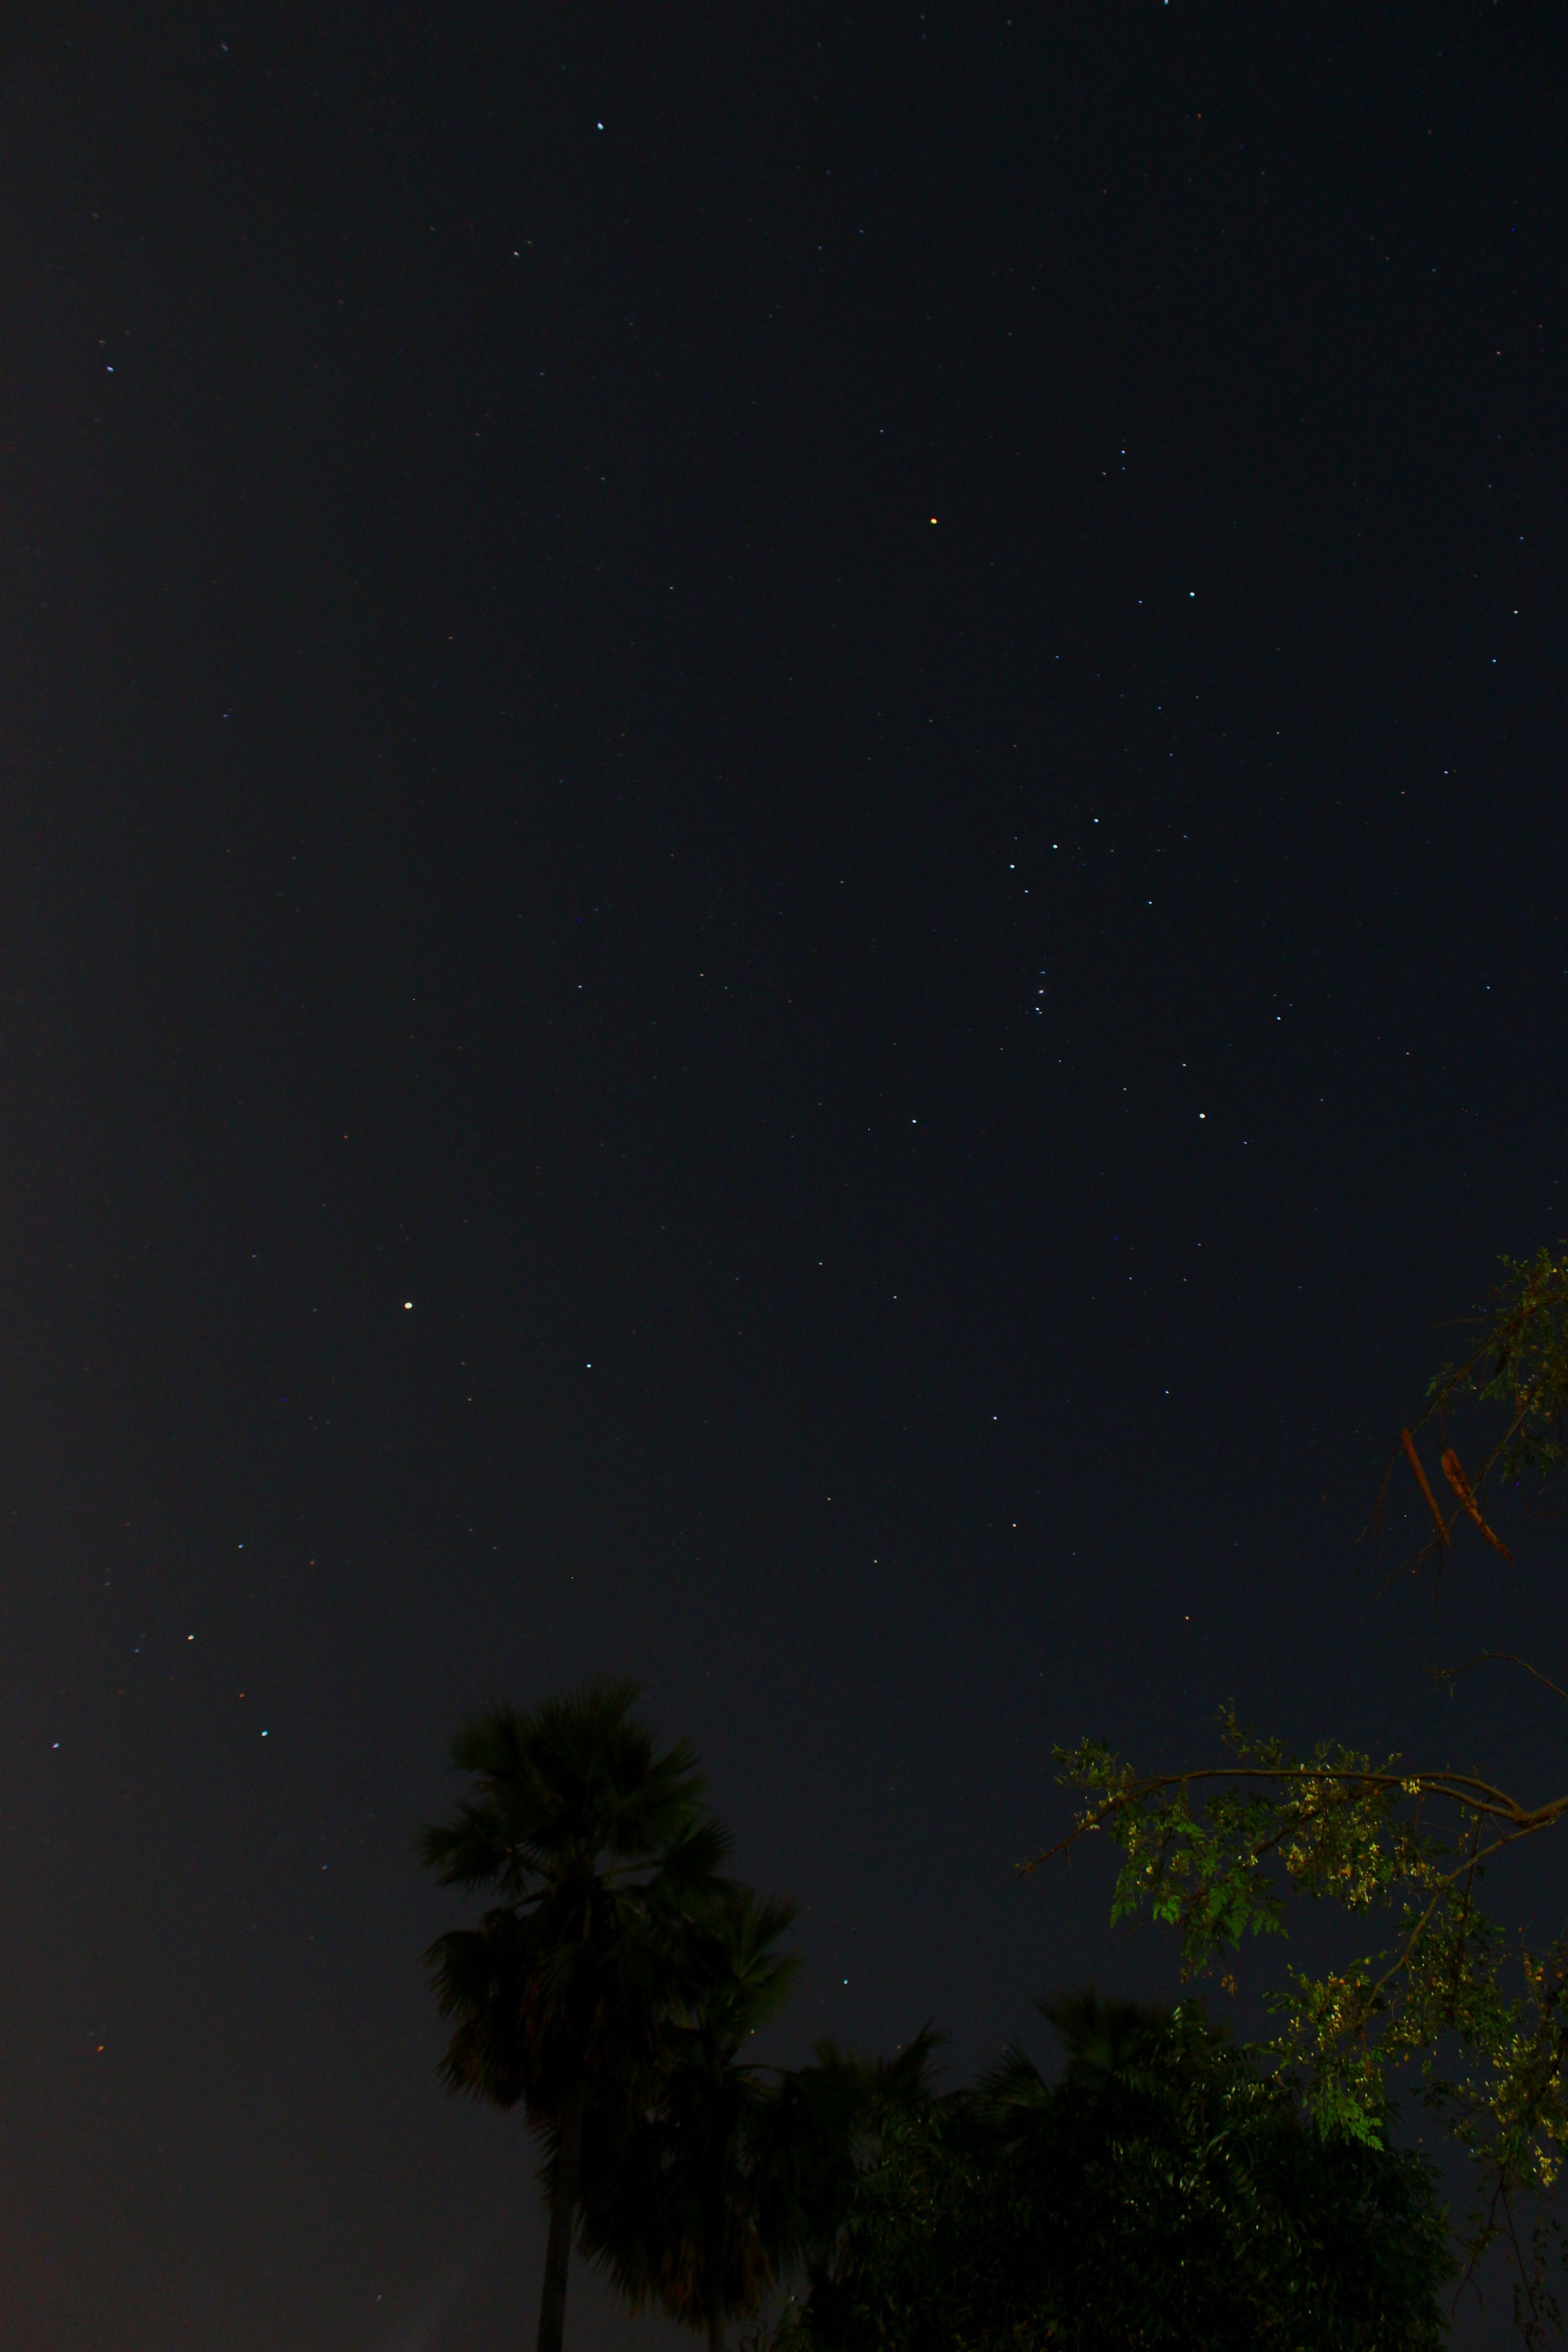 Free stock photo of stars